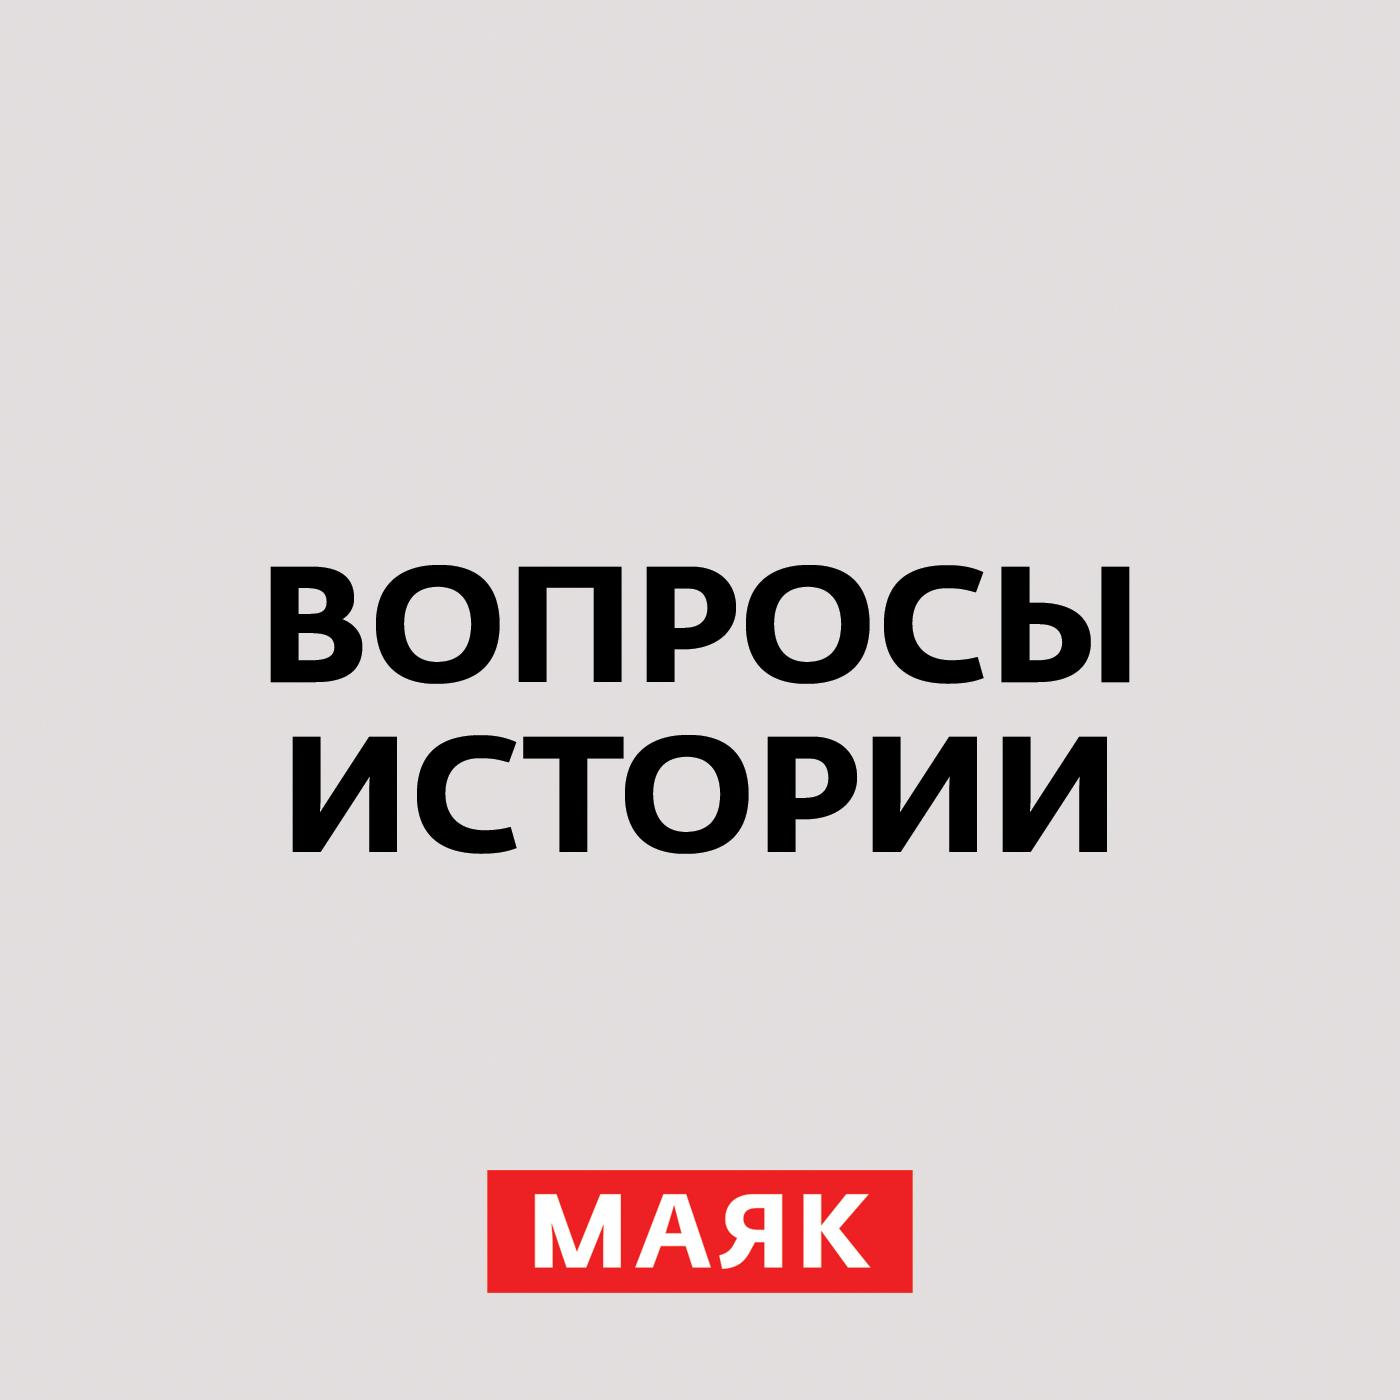 Фото - Андрей Светенко Как Наполеон дошёл до жизни такой бонапарт н наполеон бонапарт афоризмы великого тирана